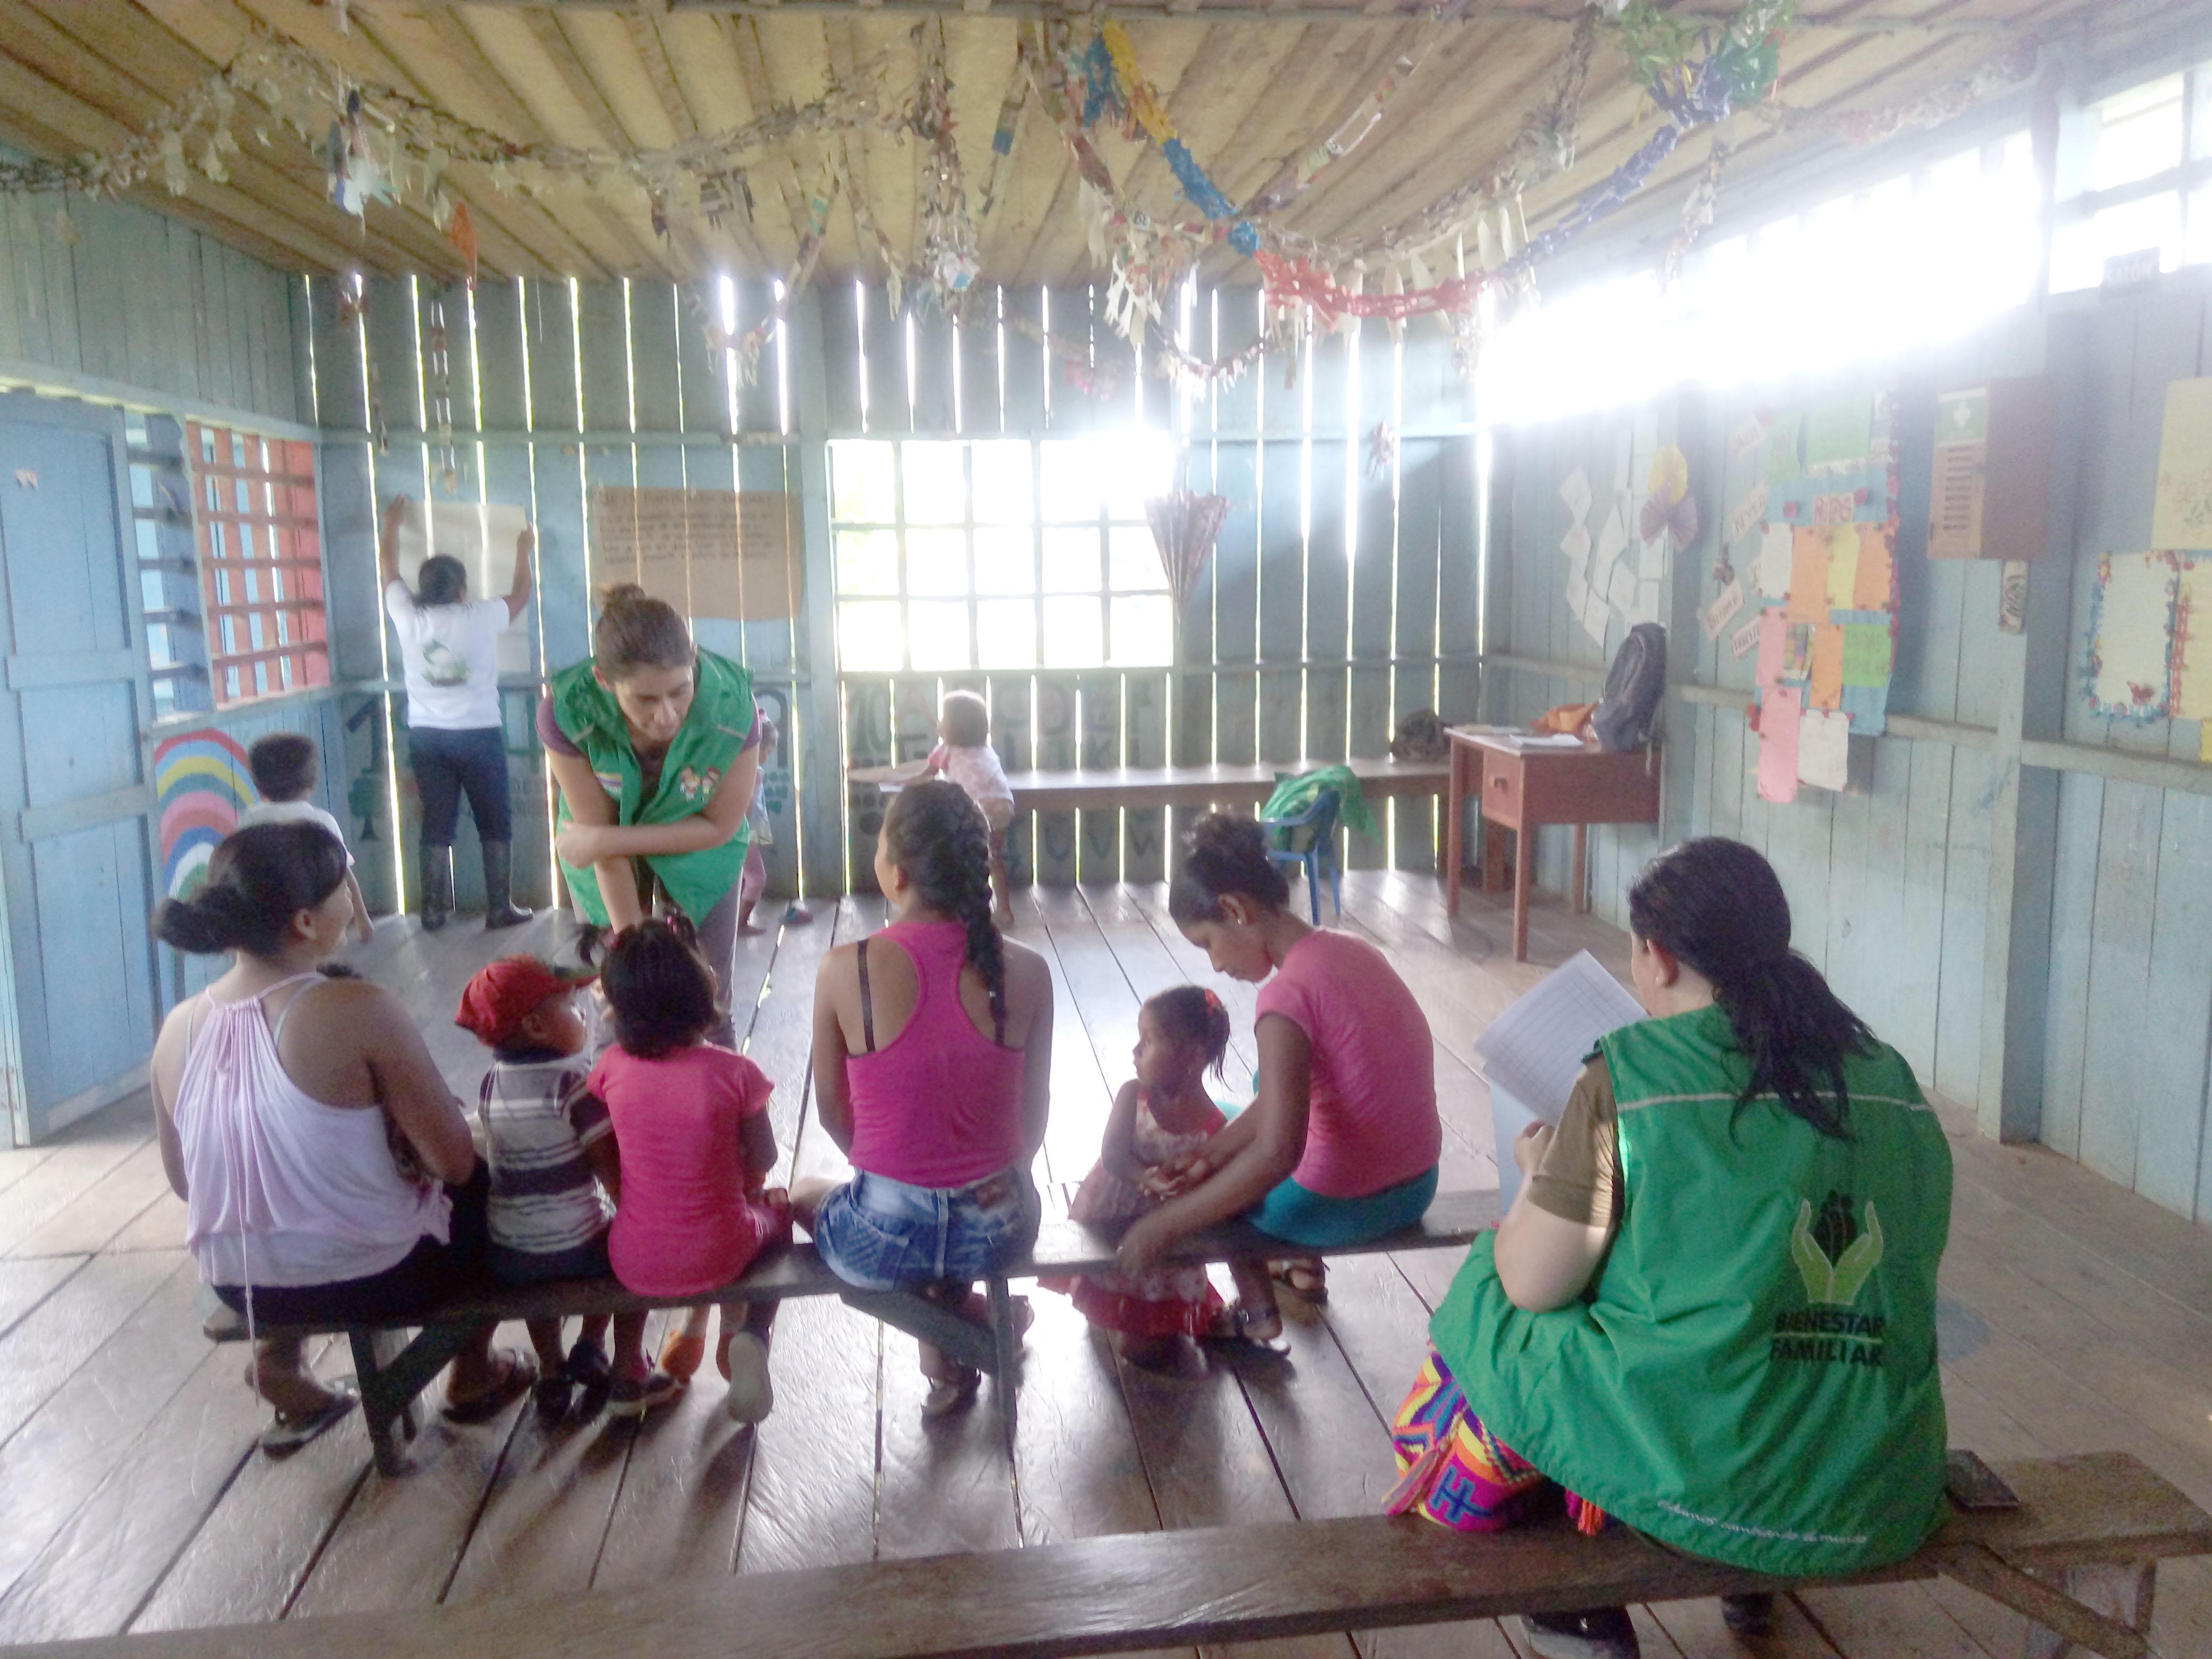 Abandonó a sus hijos en un colegio para irse de viaje | EL FRENTE